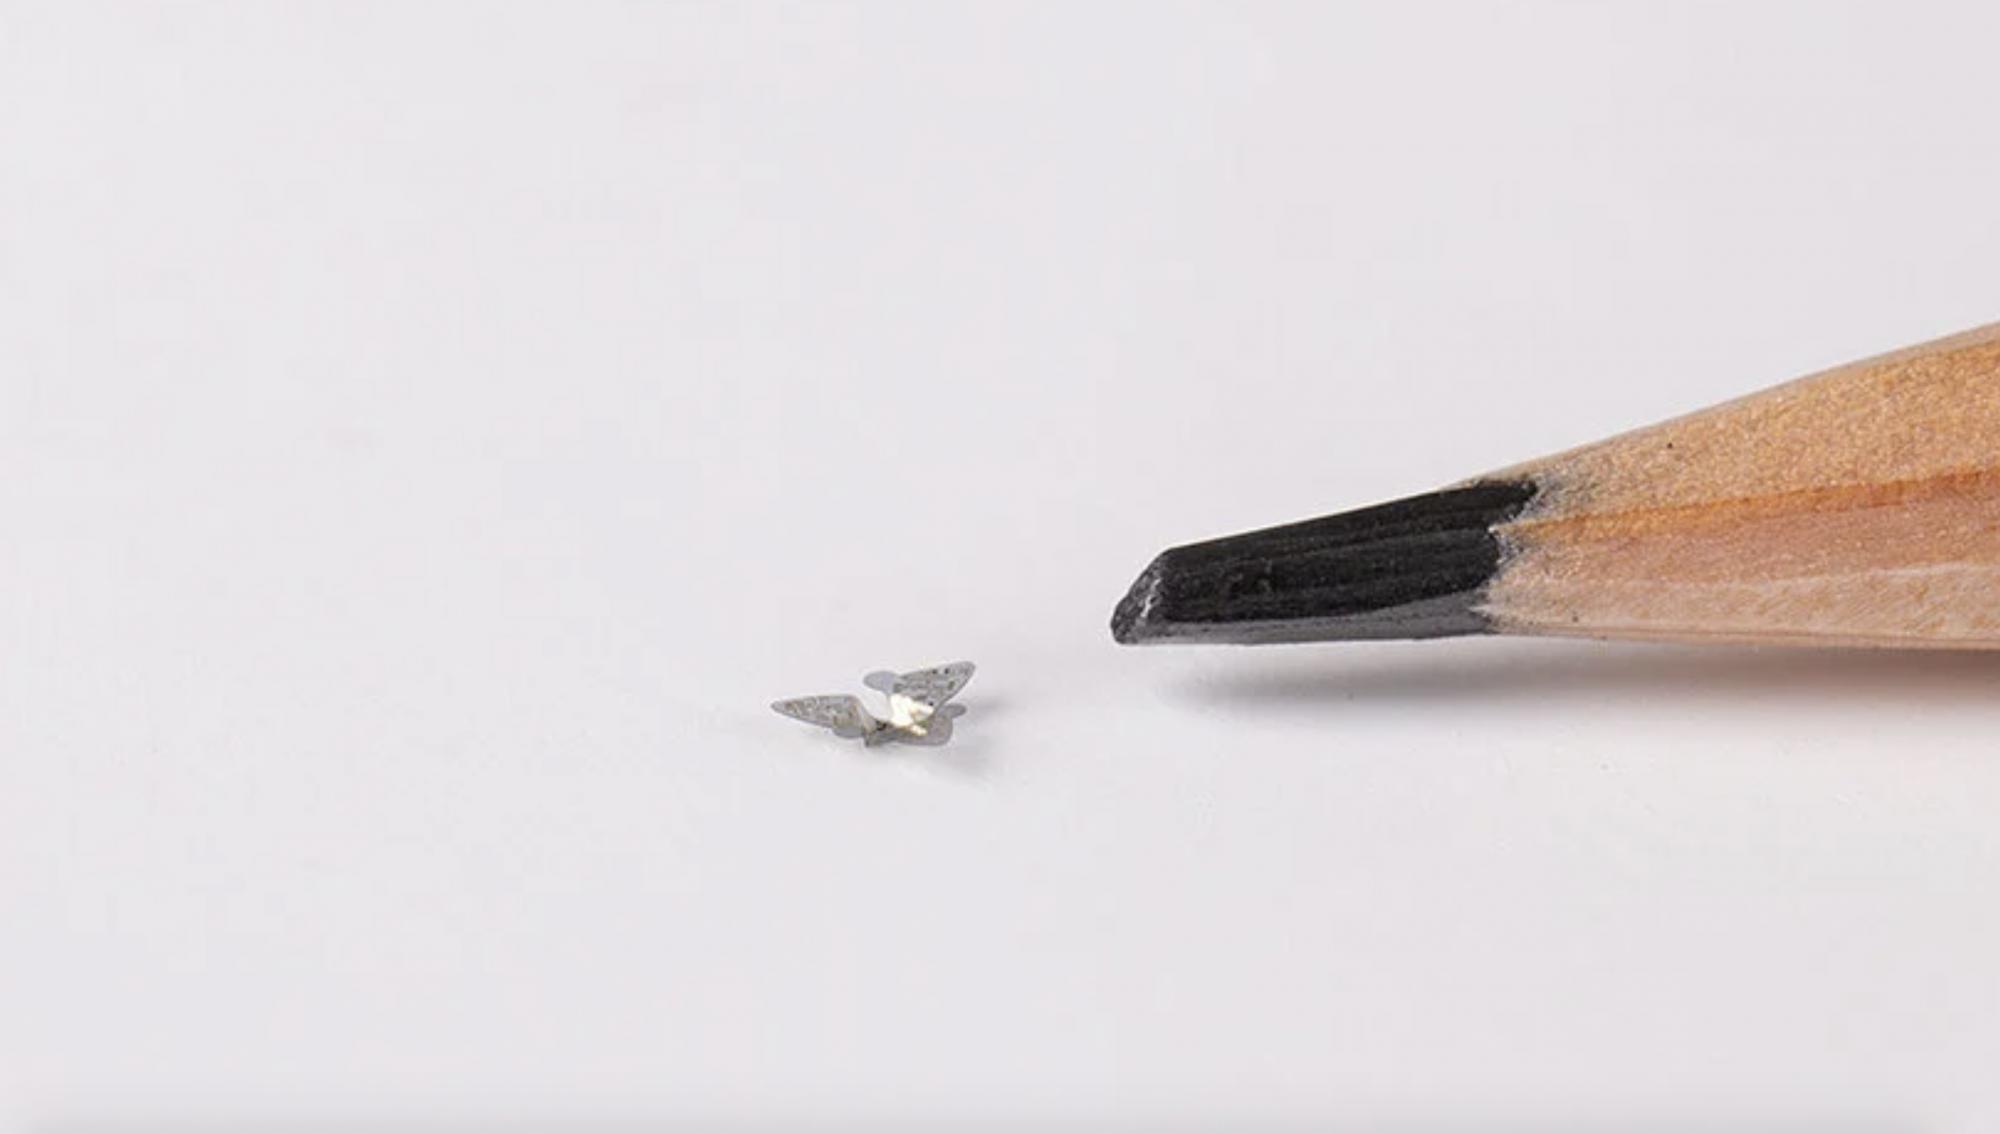 Petite comme un grain de sable, cette puce volante détecte les maladies et la pollution dans l'air